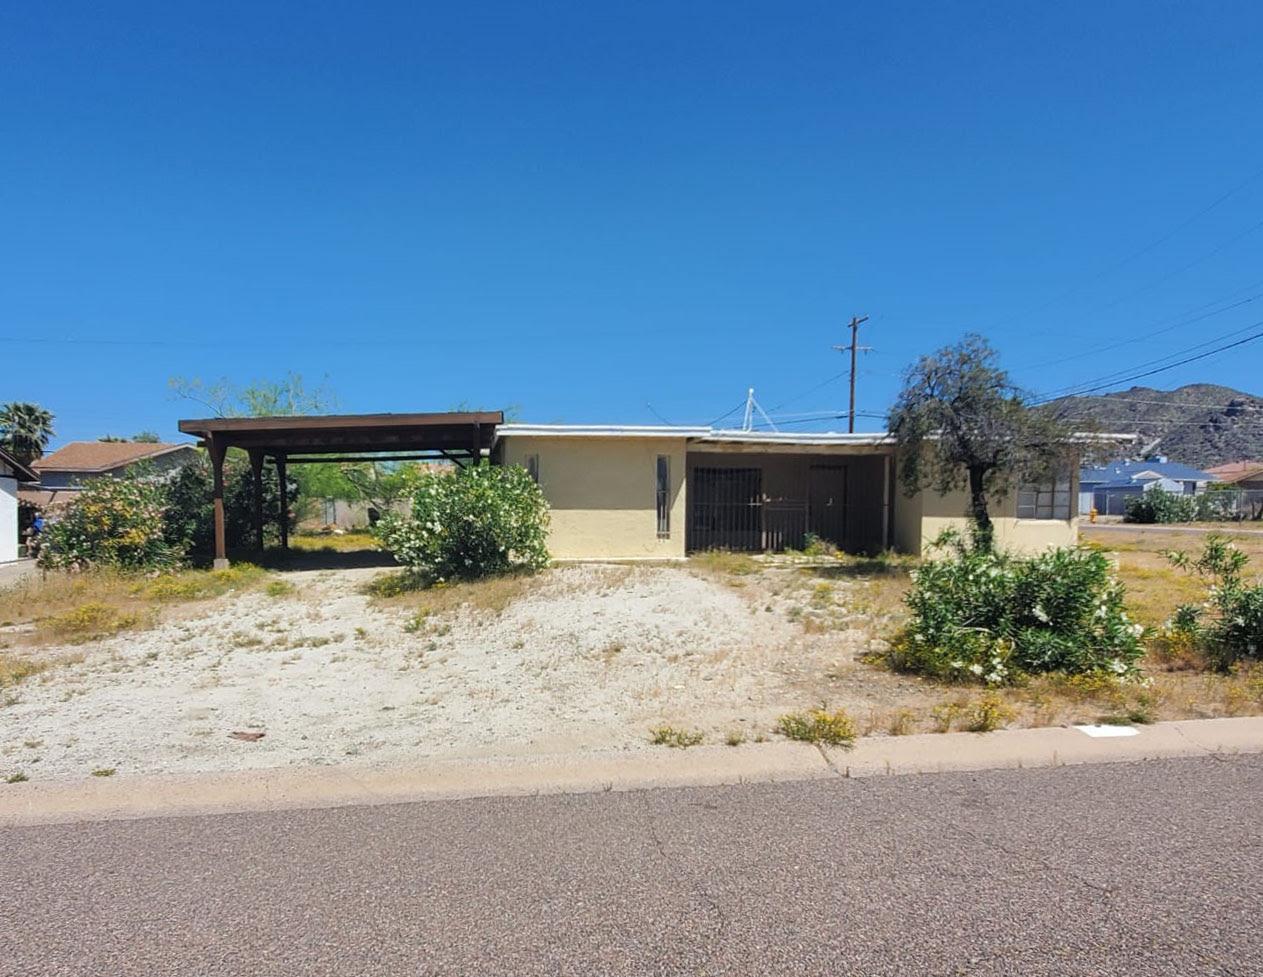 9241 S 1St Dr, Phoenix, AZ 85041 wholesale property listing